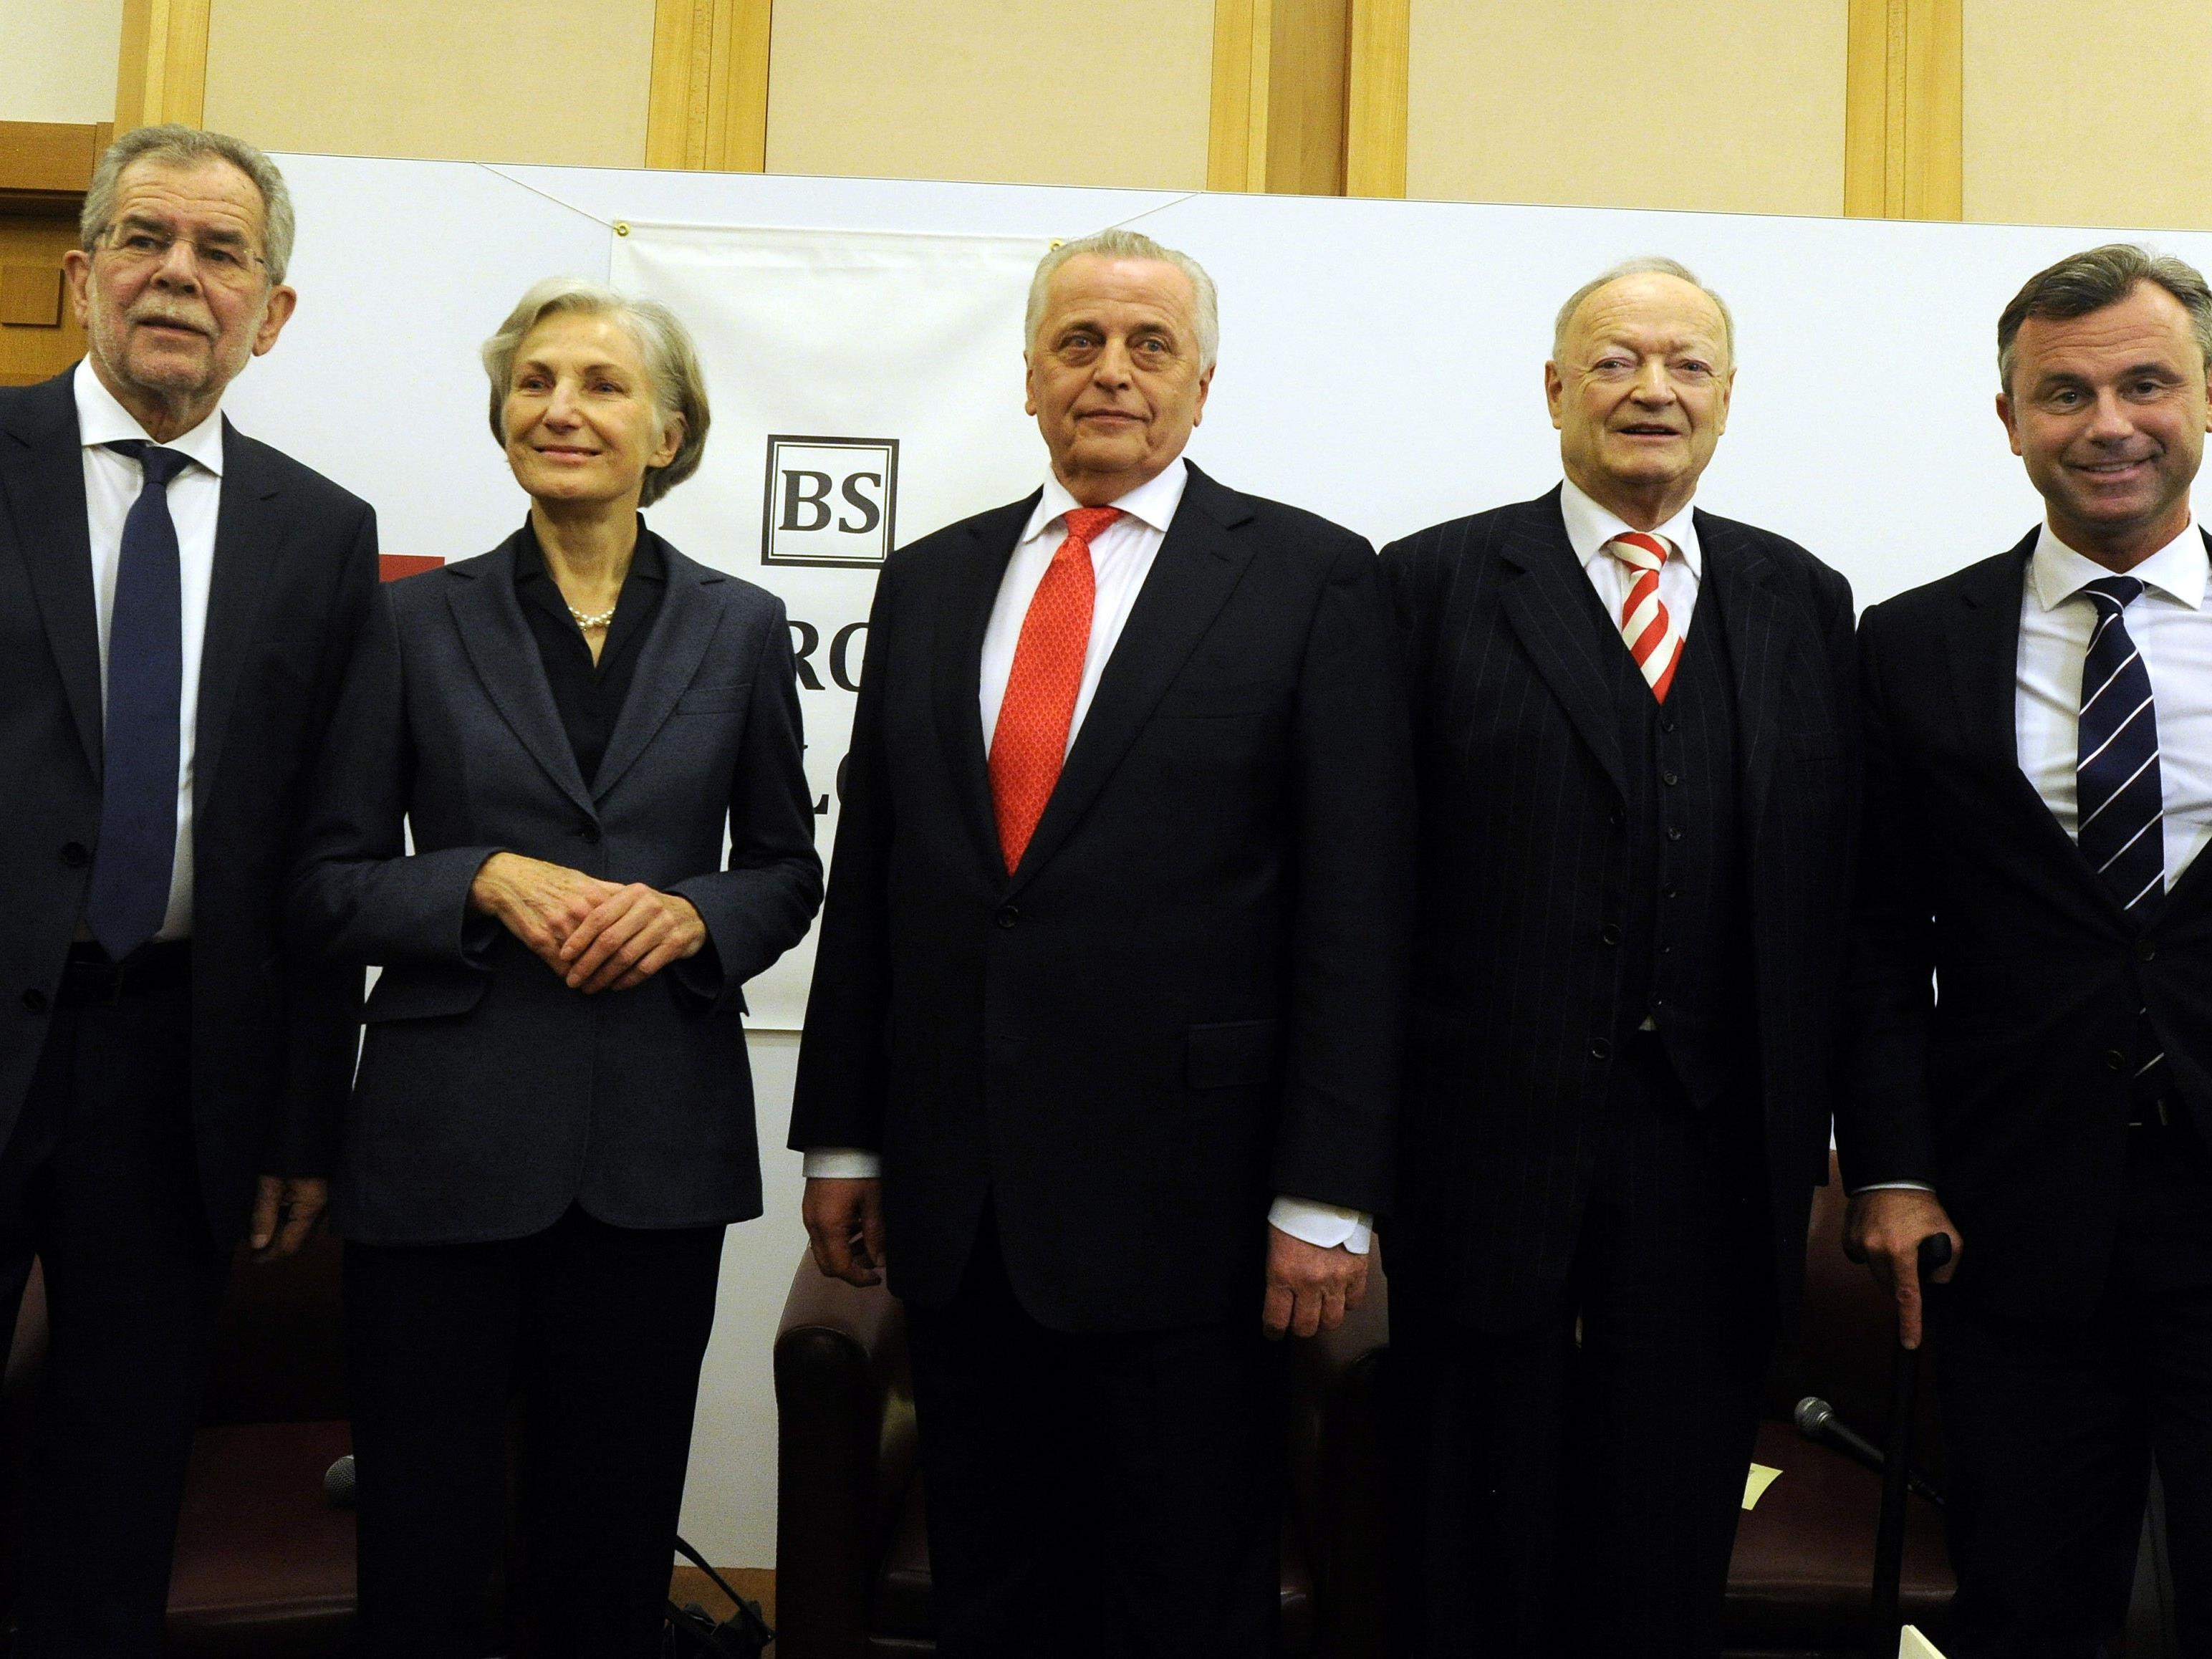 Die Bundespräsidentschaftskandidaten am Freitag in der Diplomatischen Akademie in Wien.